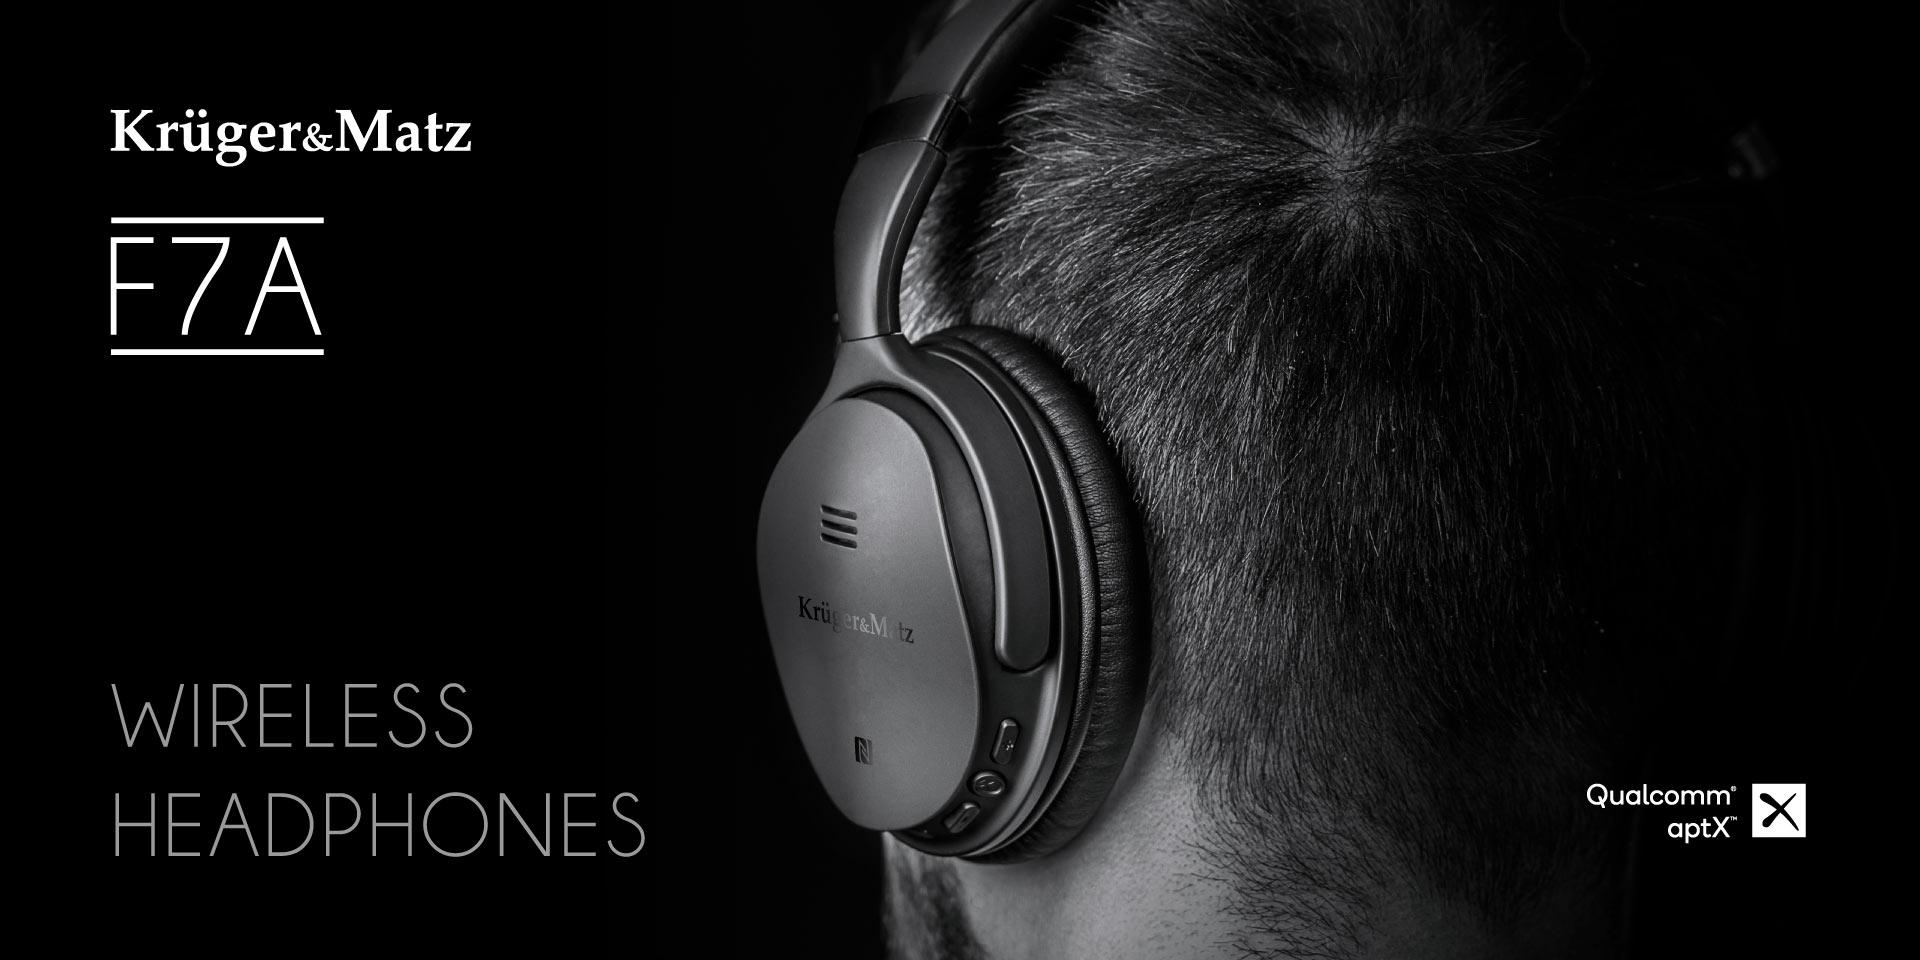 Bezprzewodowe słuchawki nauszne z ANC Kruger&Matz F7A